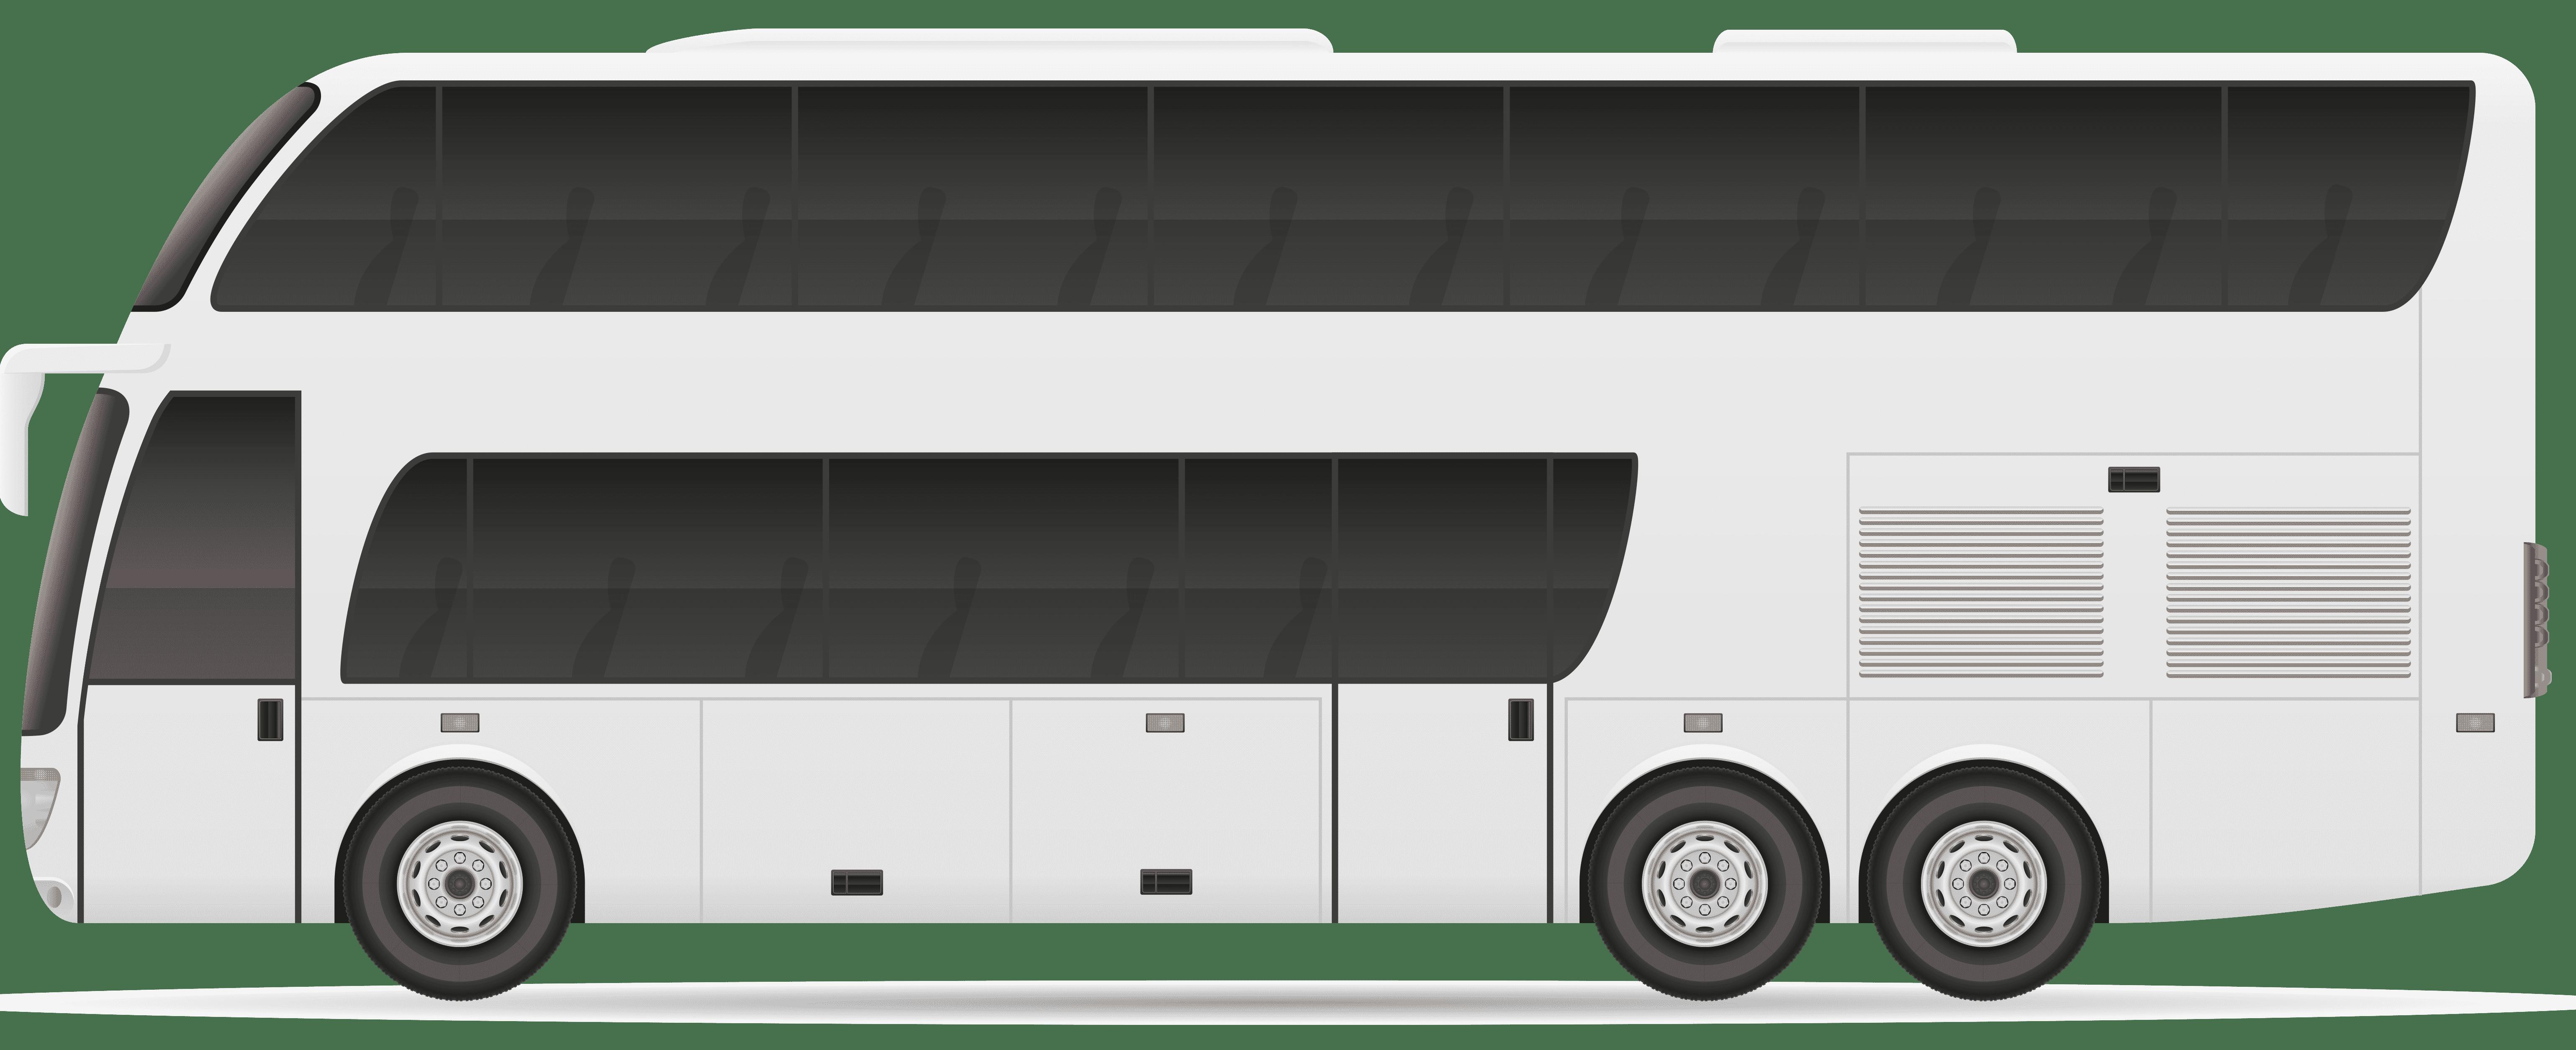 Dubbeldekker bus huren Delft - ikwileengoedkopebushuren.nl